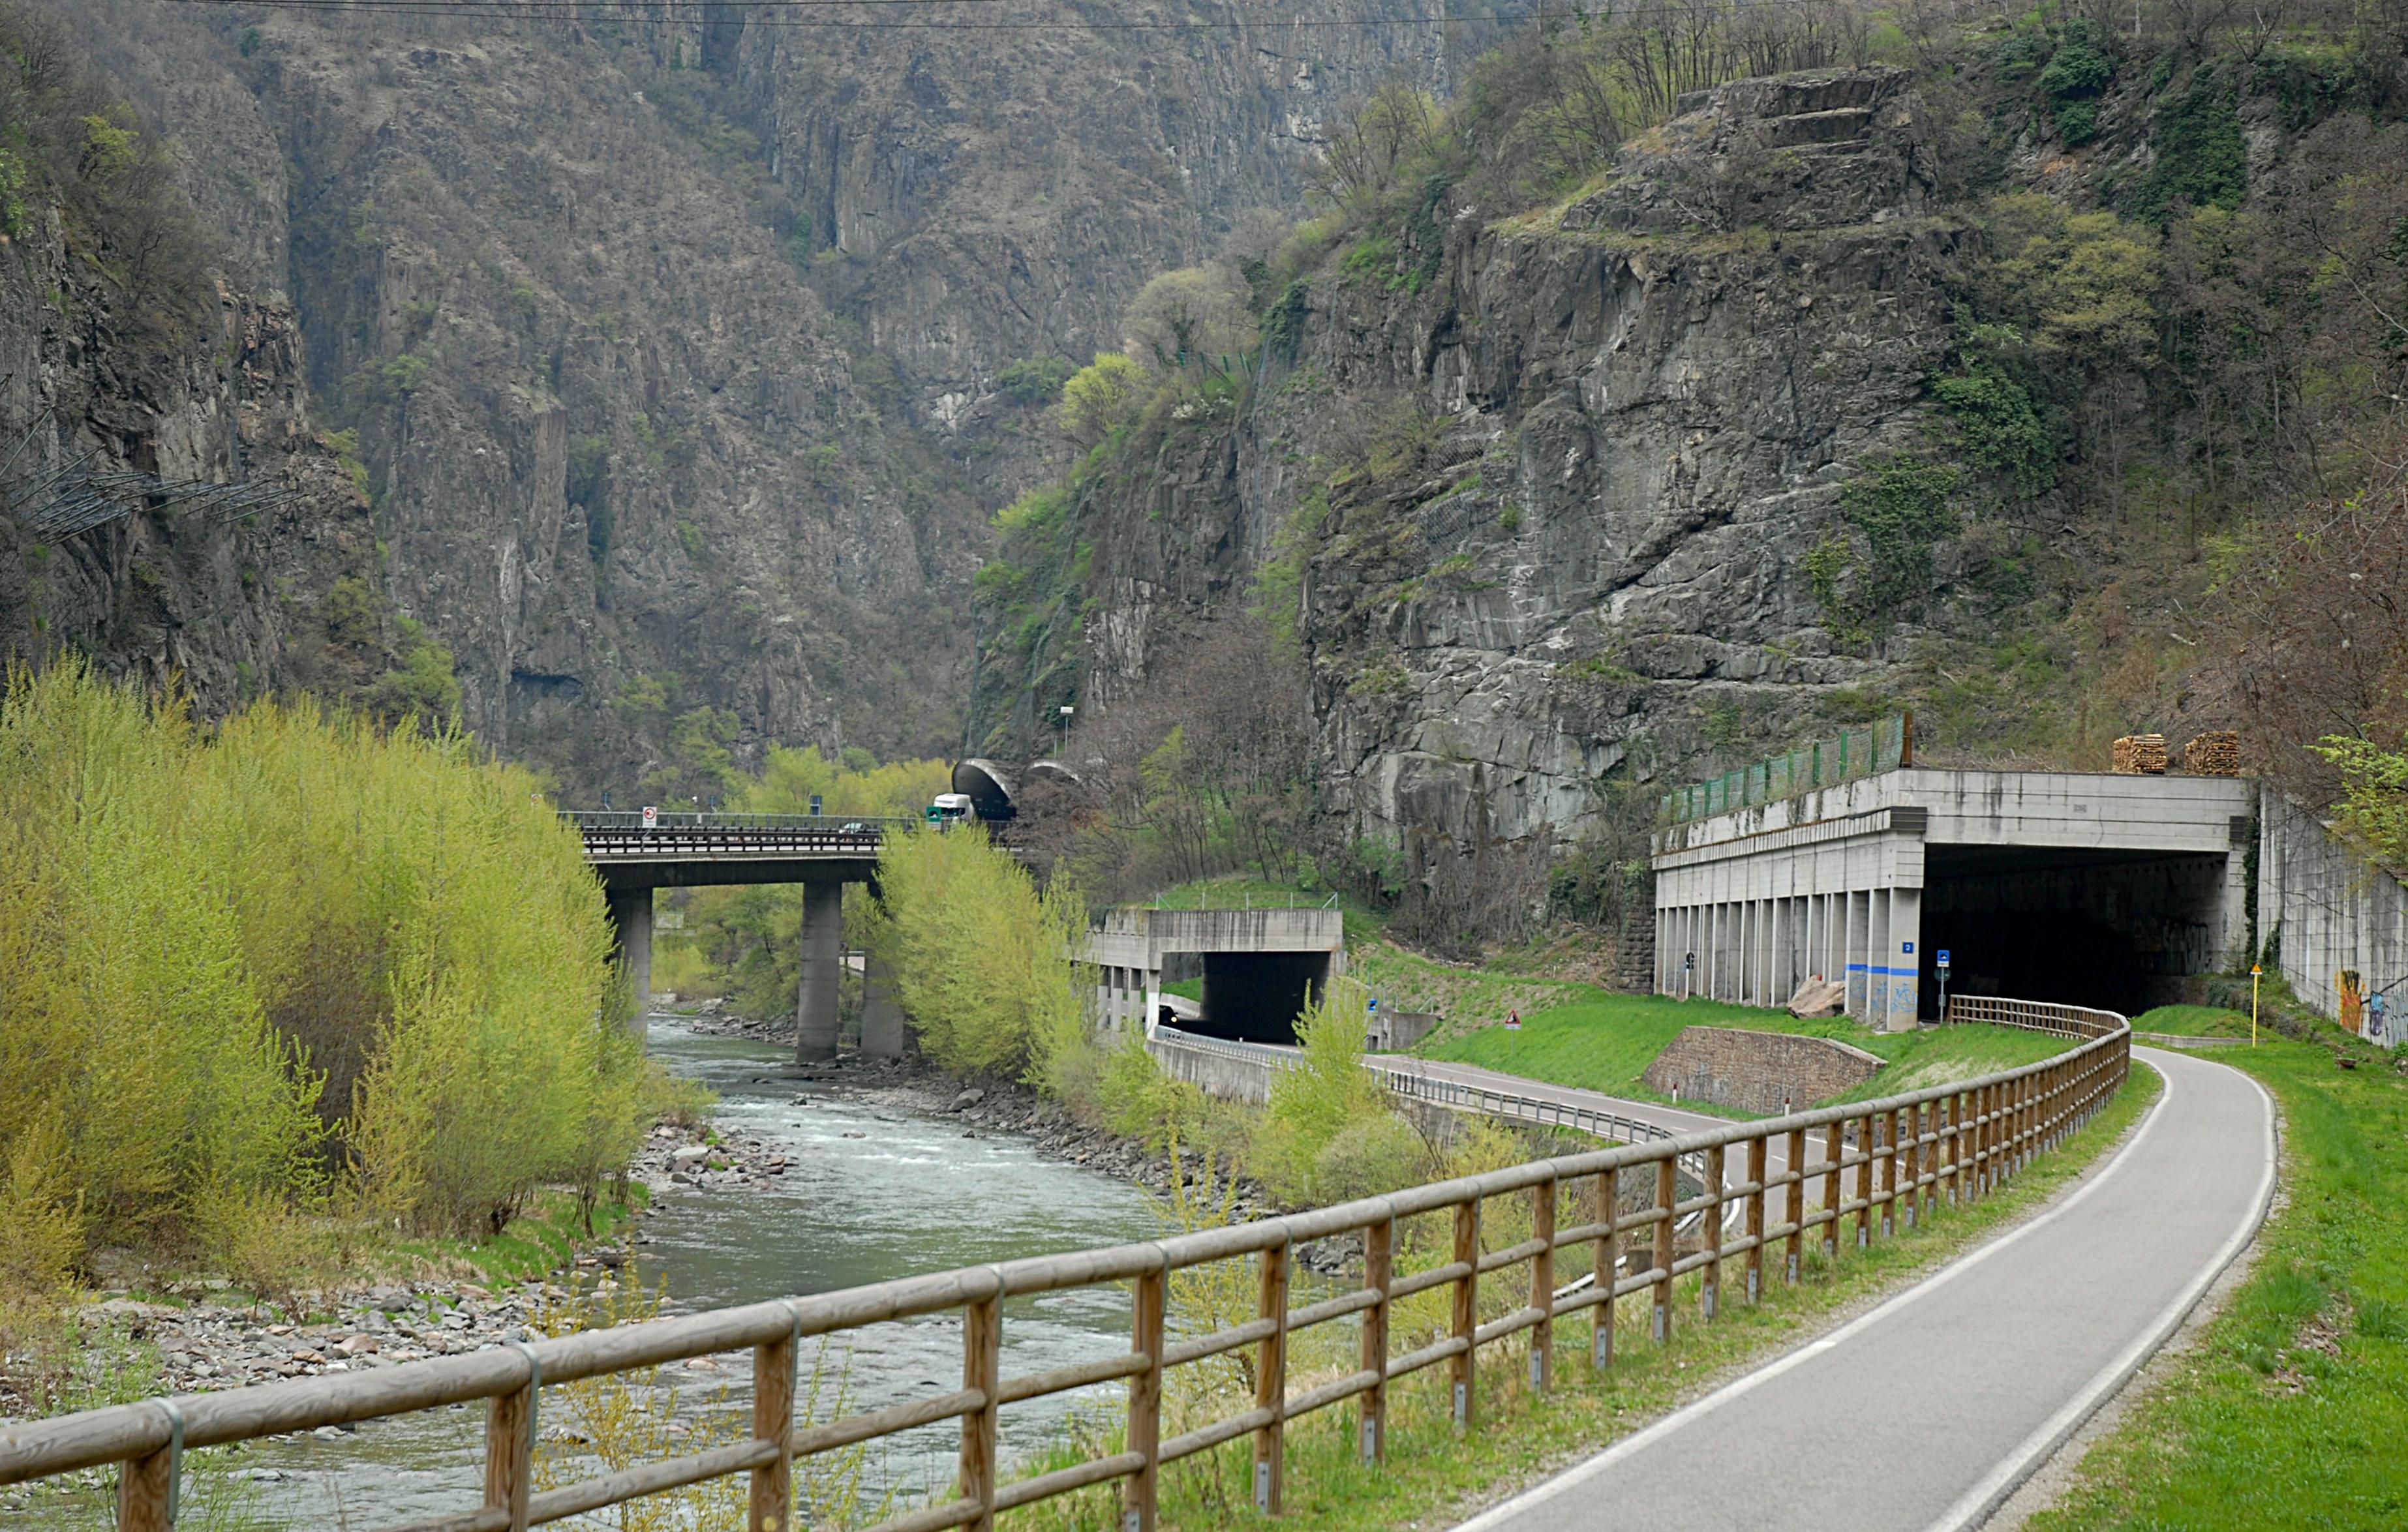 Liste Von Fahrradwegen Auf Stillgelegten Bahntrassen Wikipedia